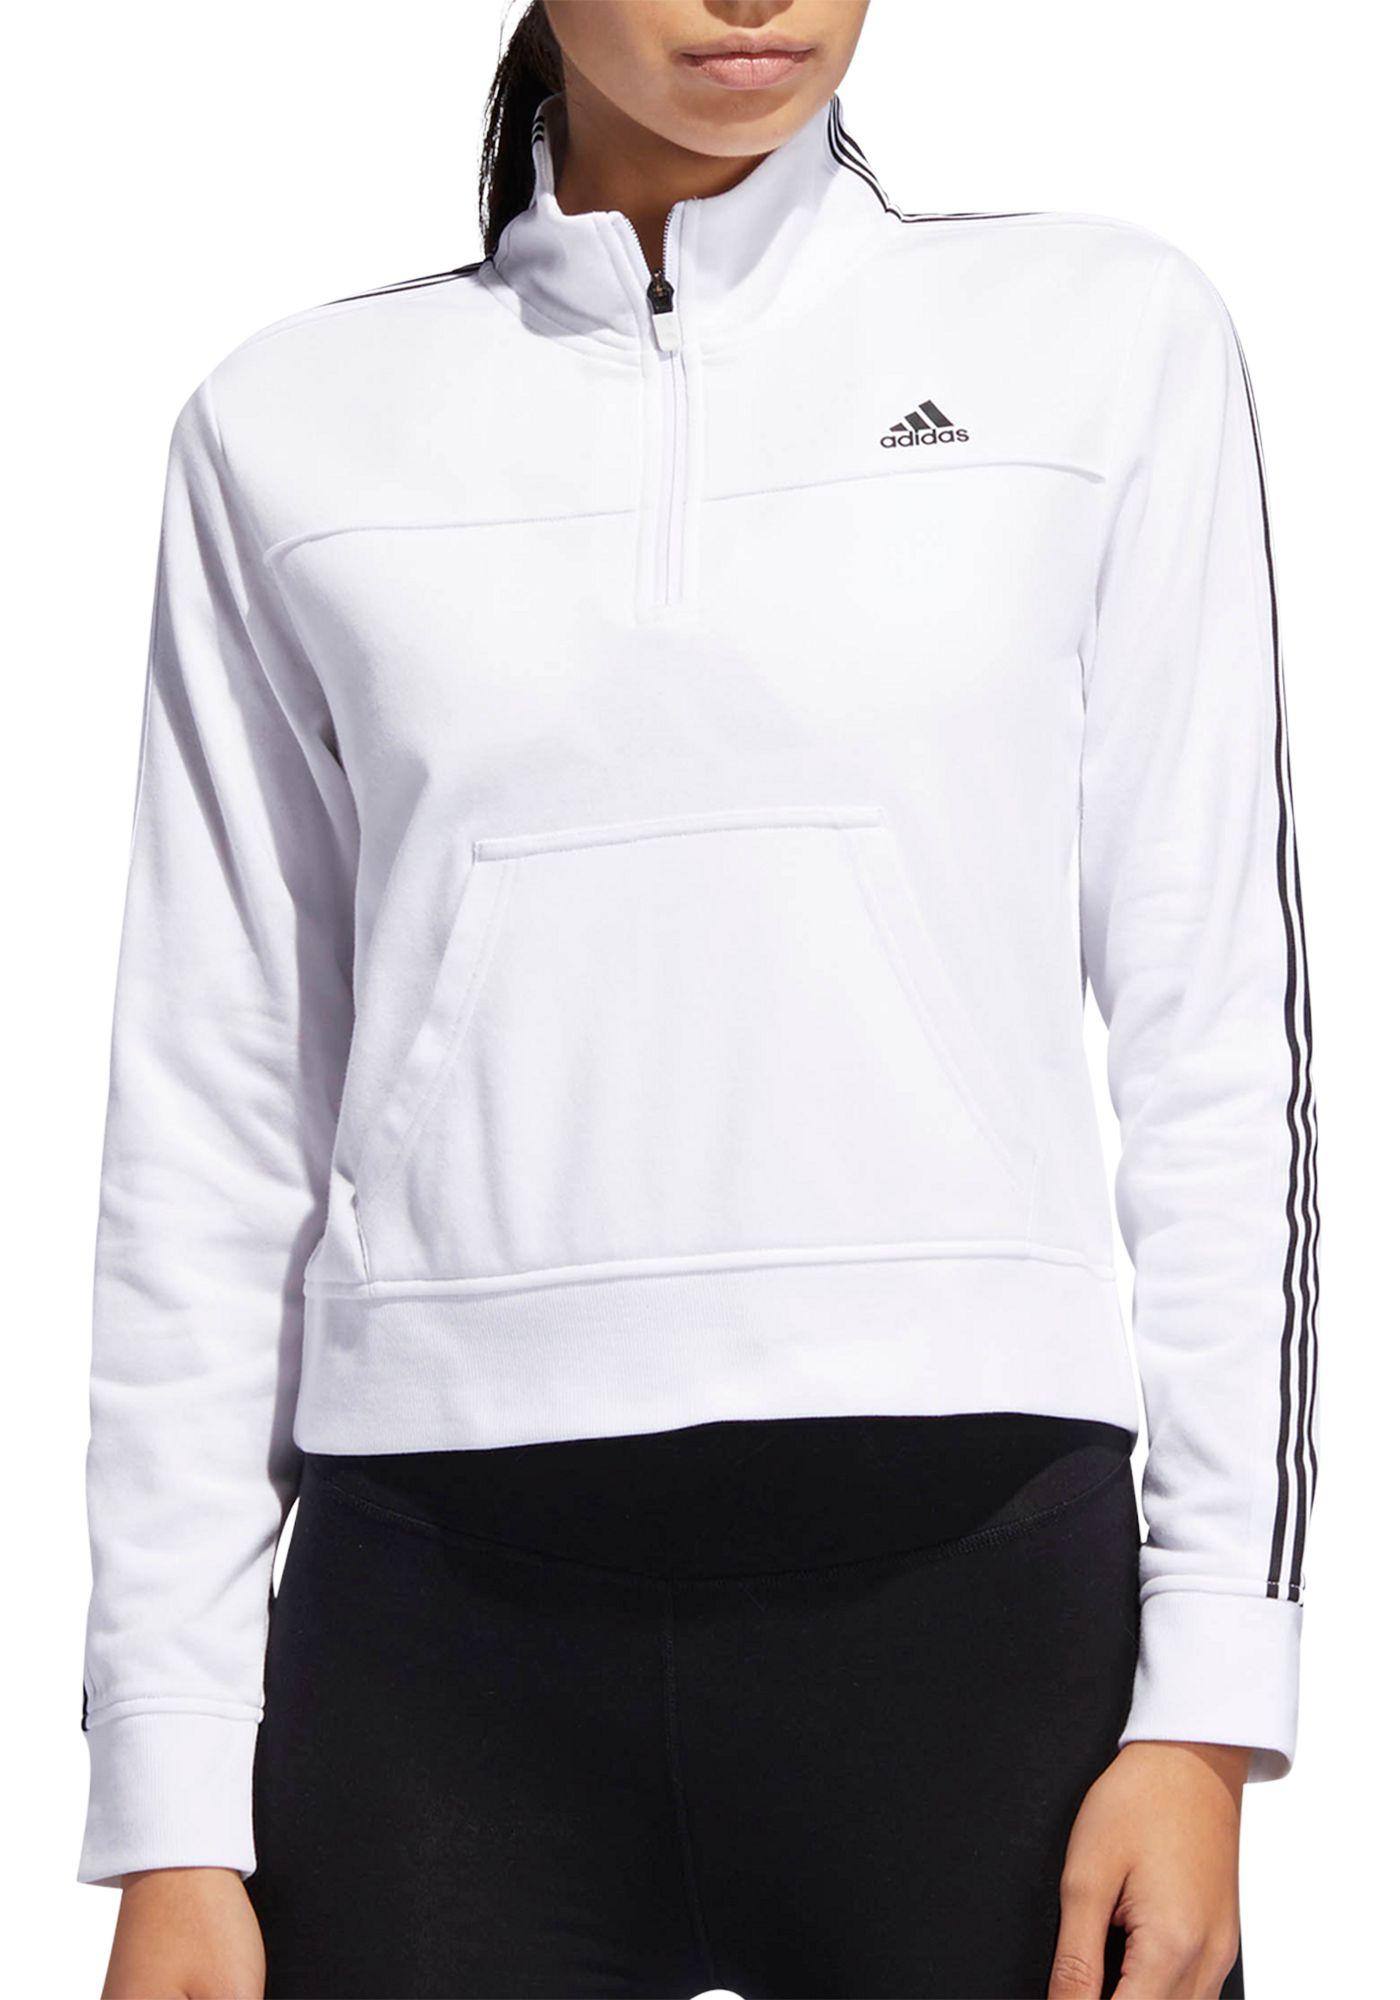 adidas Women's Changeover Half Zip Sweatshirt